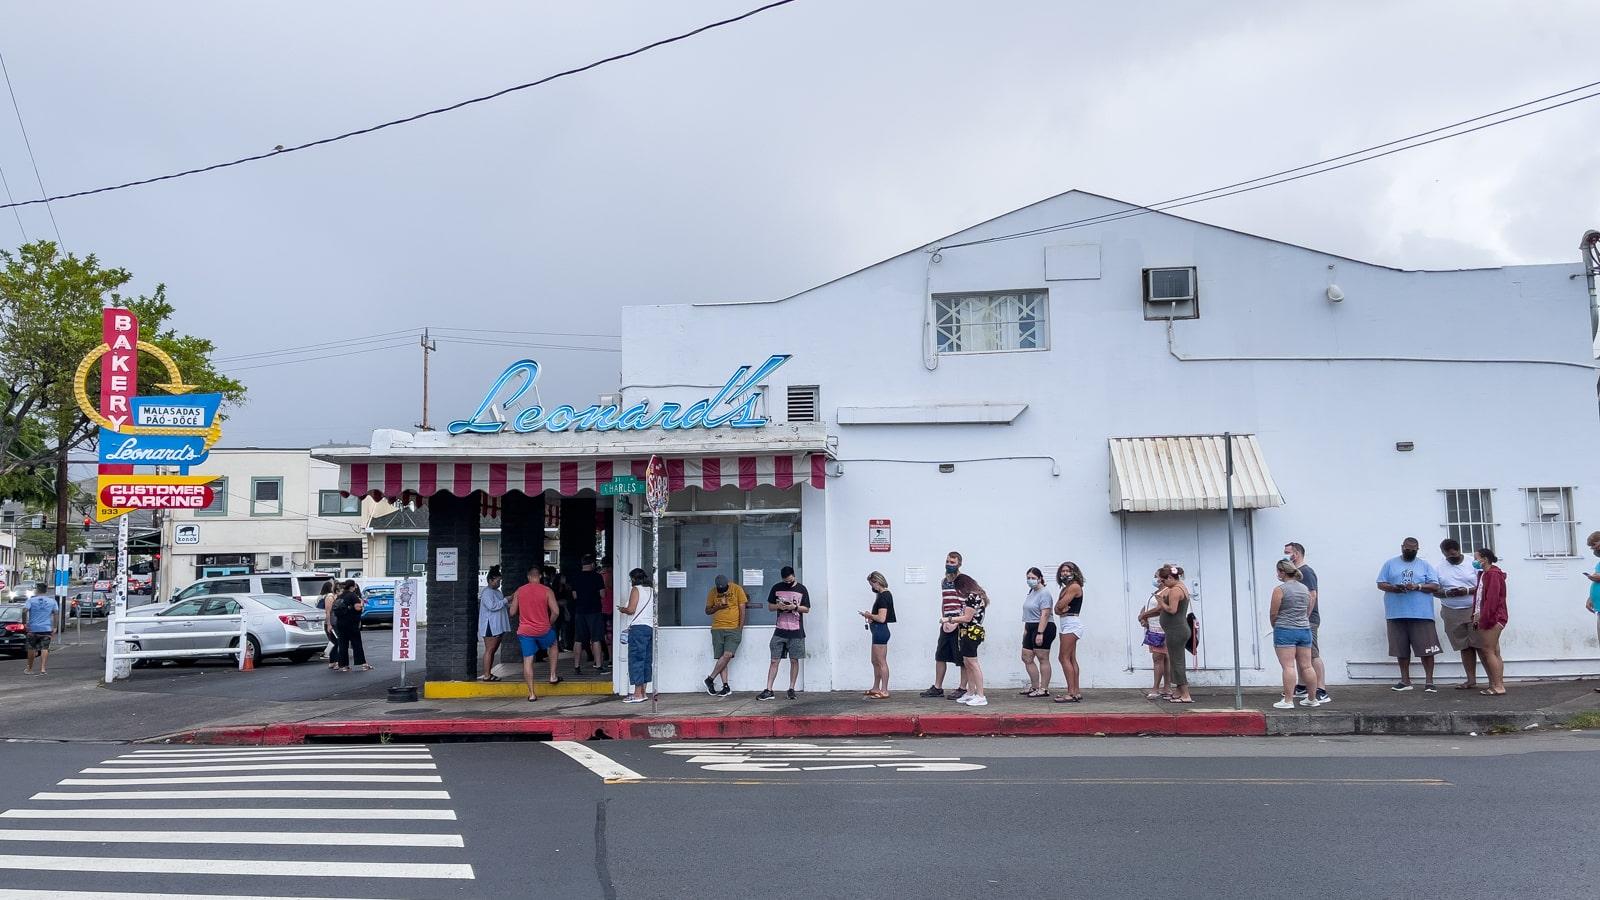 The line outside Leonard's Bakery in Honolulu, Hawaii